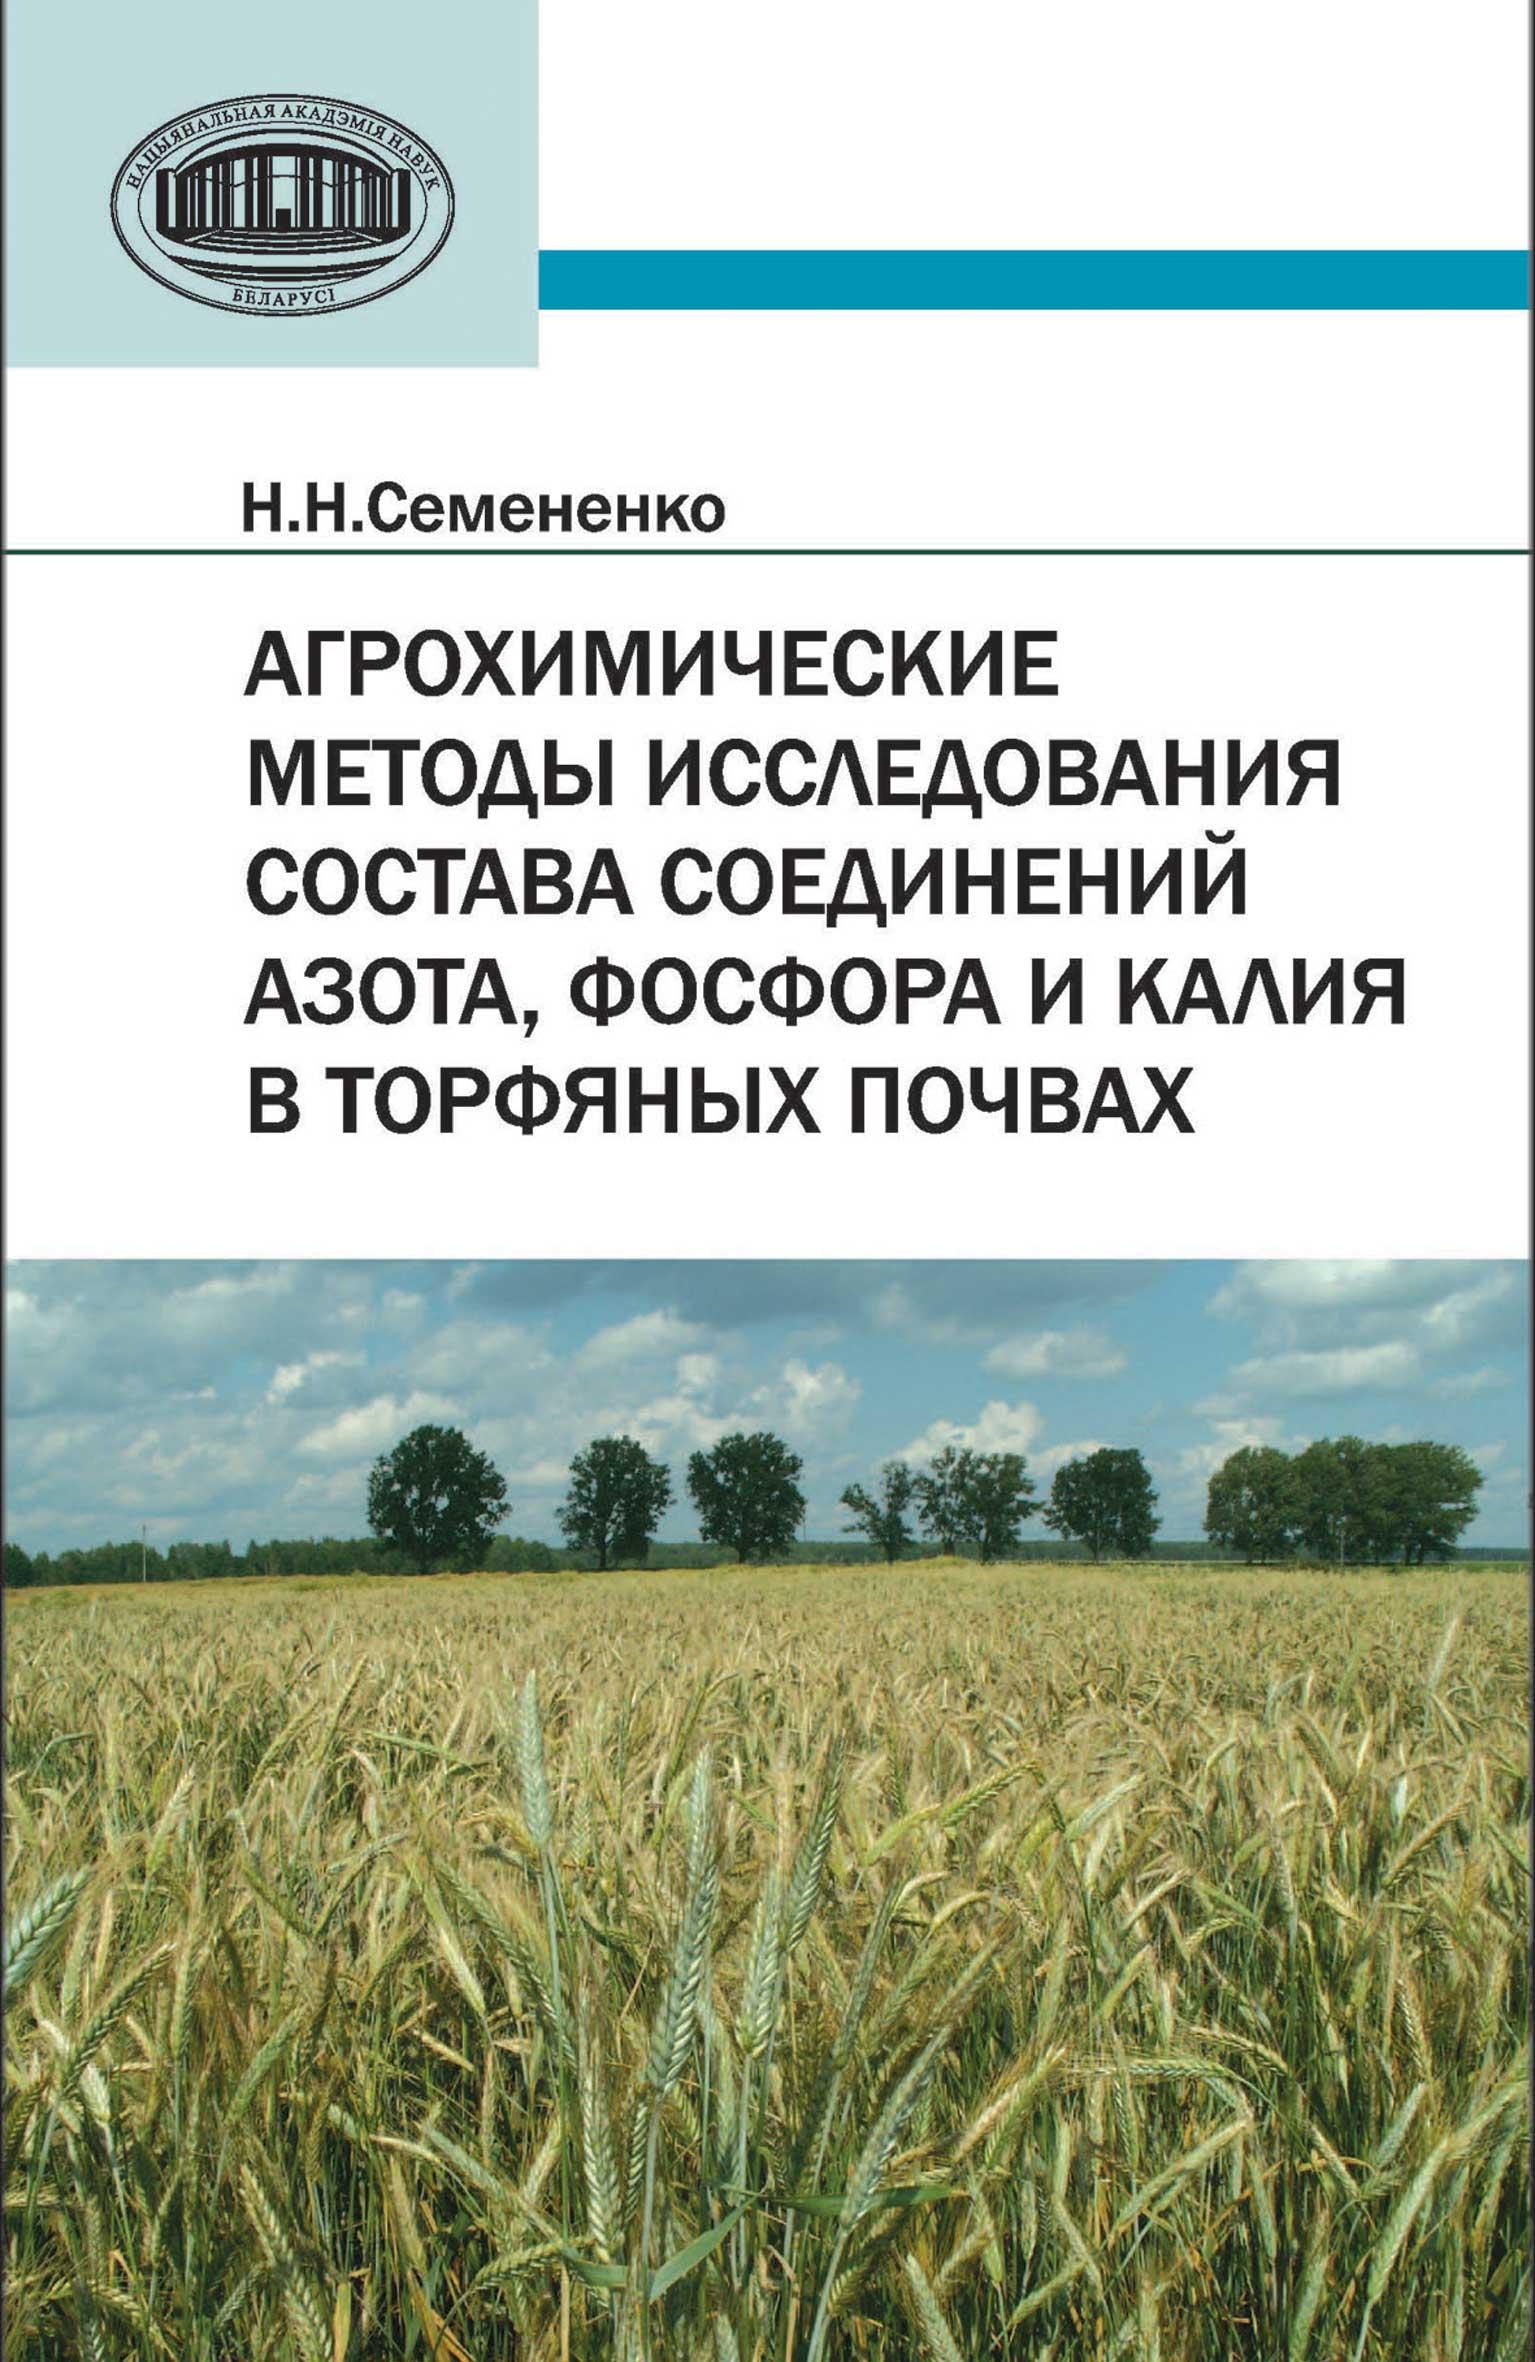 Н. Н. Семененко Агрохимические методы исследования состава соединений азота, фосфора и калия в торфяных почвах калия